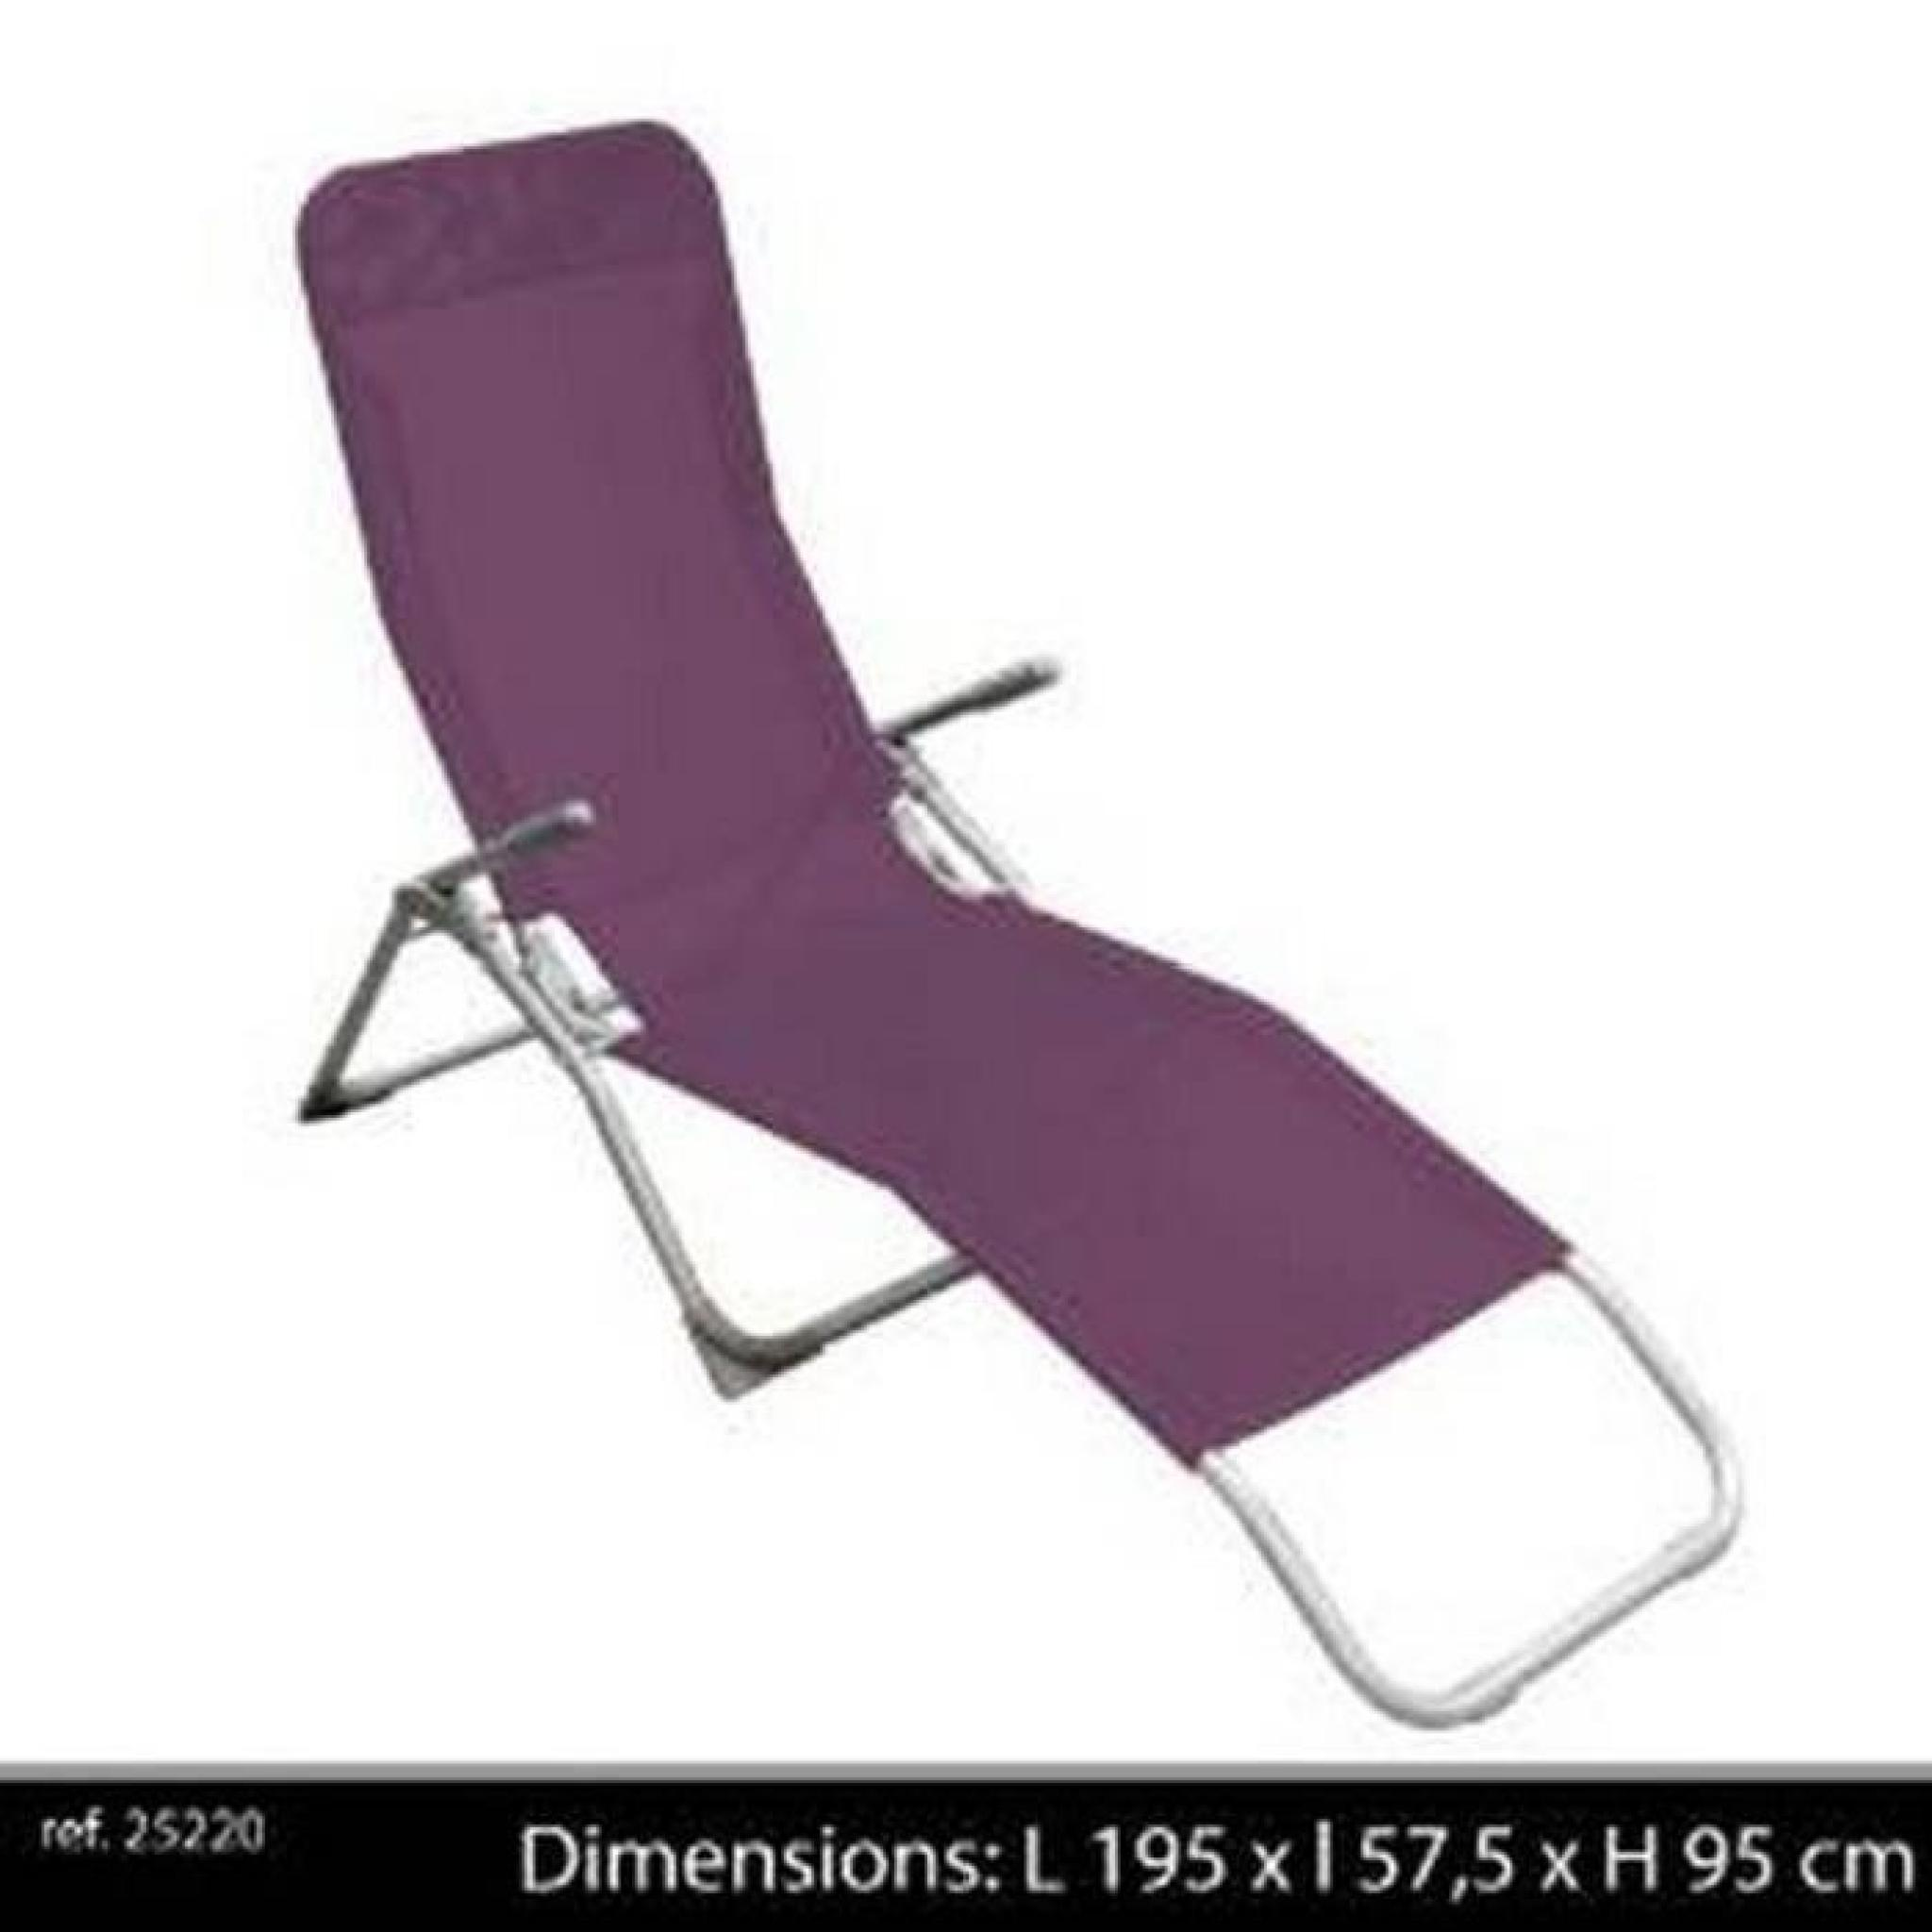 Chaise Longue De Jardin Pliante chaise longue pliante avec poignee transat de jardin bain de soleil